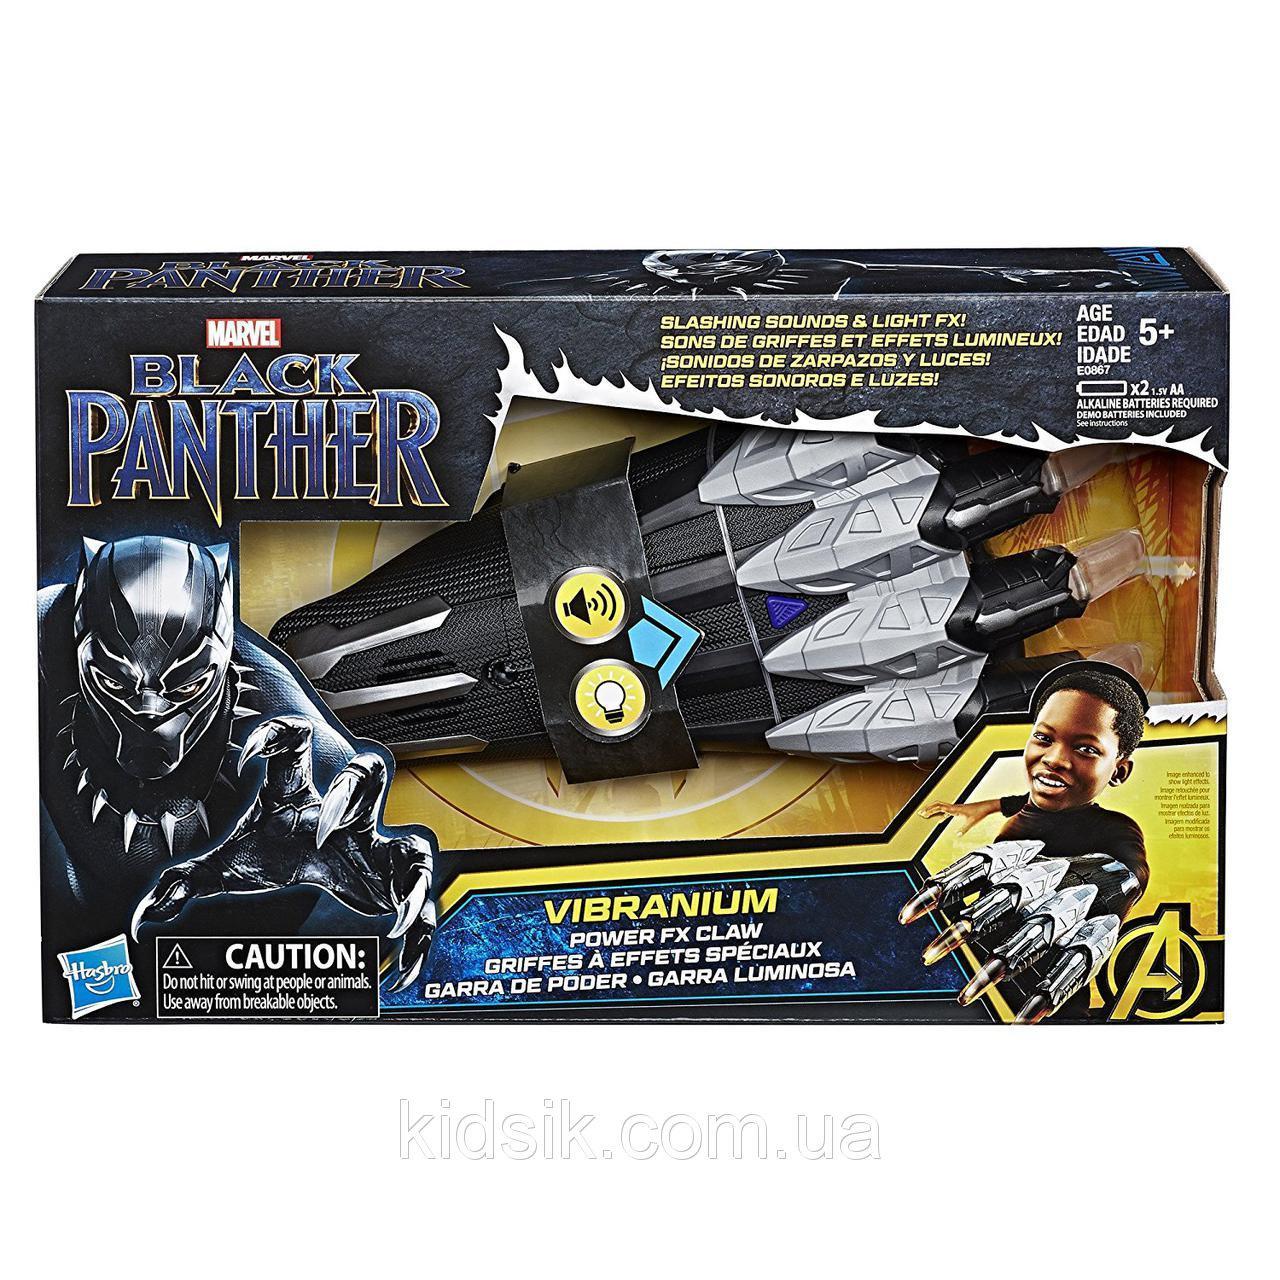 Интерактивные когти Черной пантеры Marvel - Hasbro